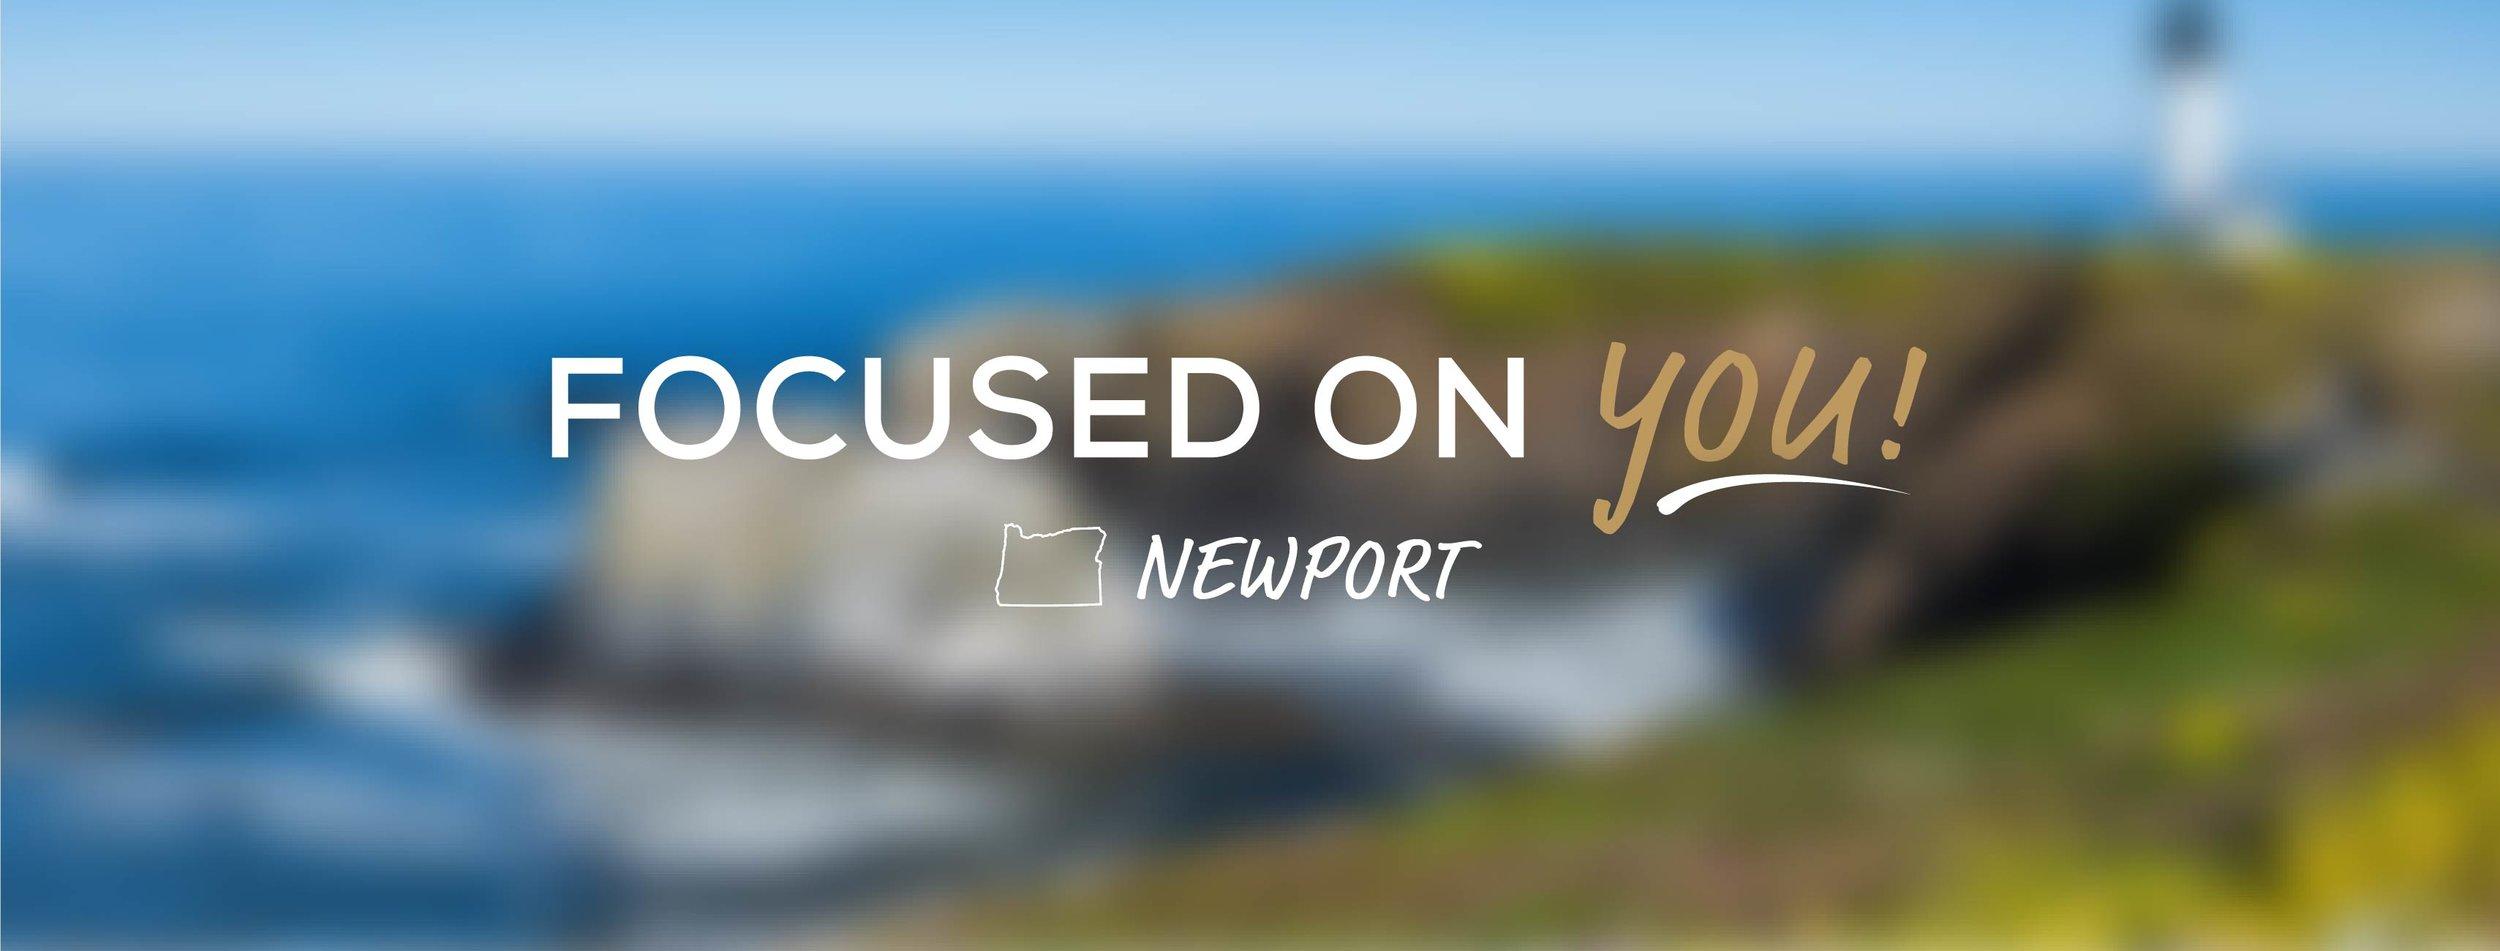 Newport - 541.994.6003newport@directorsmortgage.net1600 North Coast Hwy 101, Suite 1656 Newport, Oregon 97365